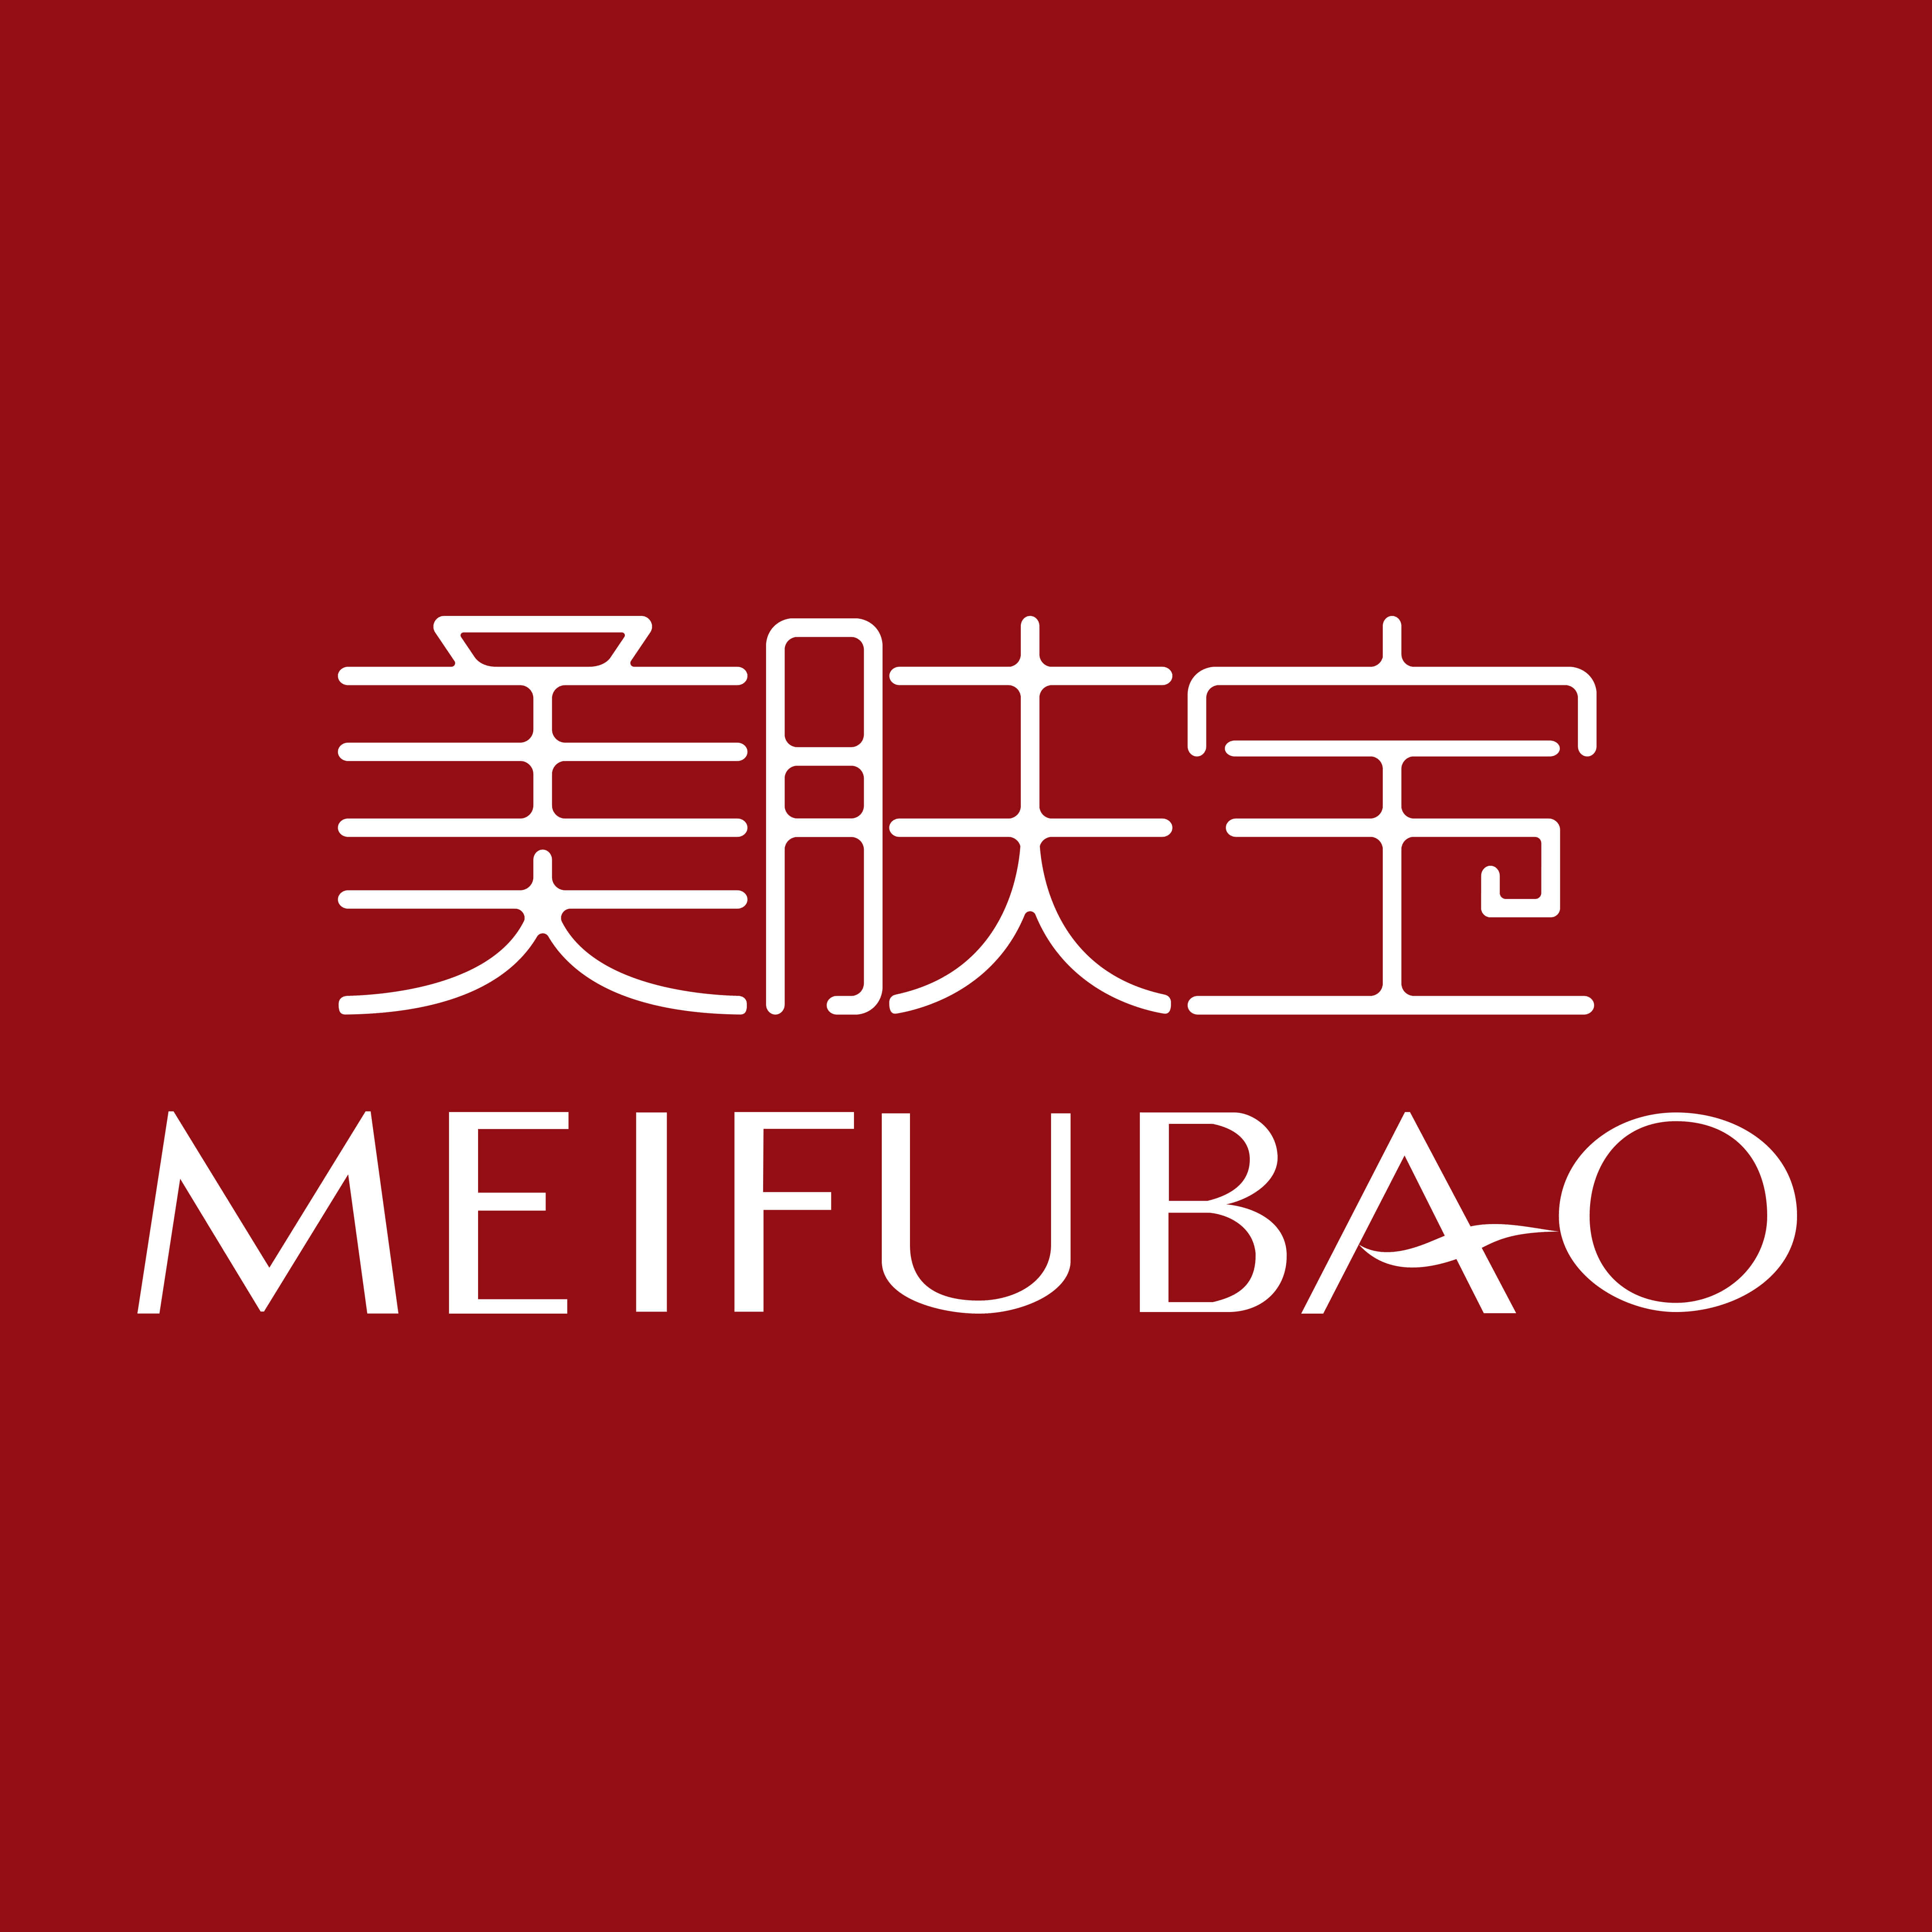 美肤宝_MEIFUBAO